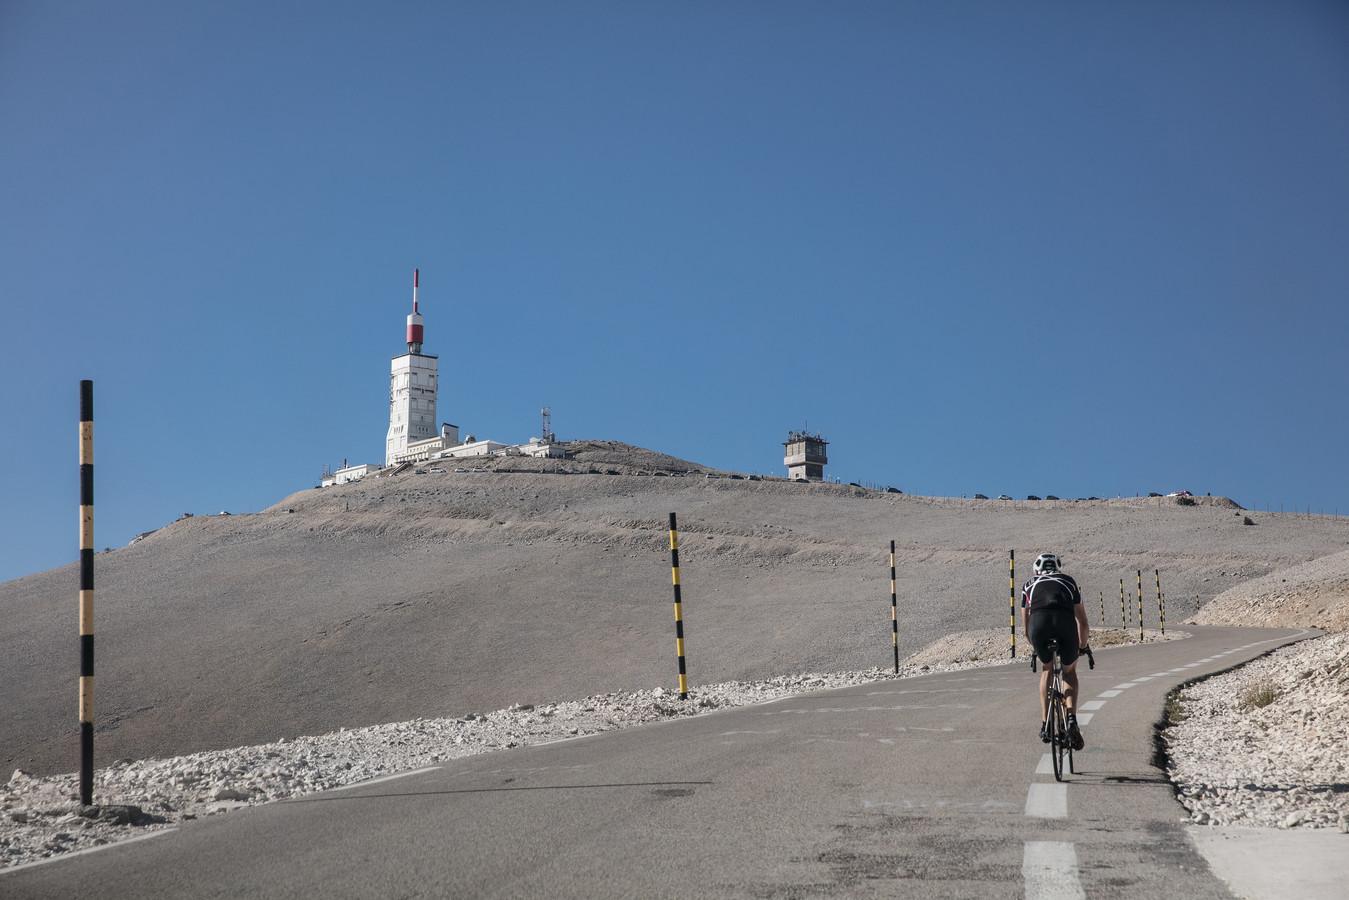 De Mont Ventoux. Het laatste deel van de beklimming voert over een kaal, steil en winderig landschap.